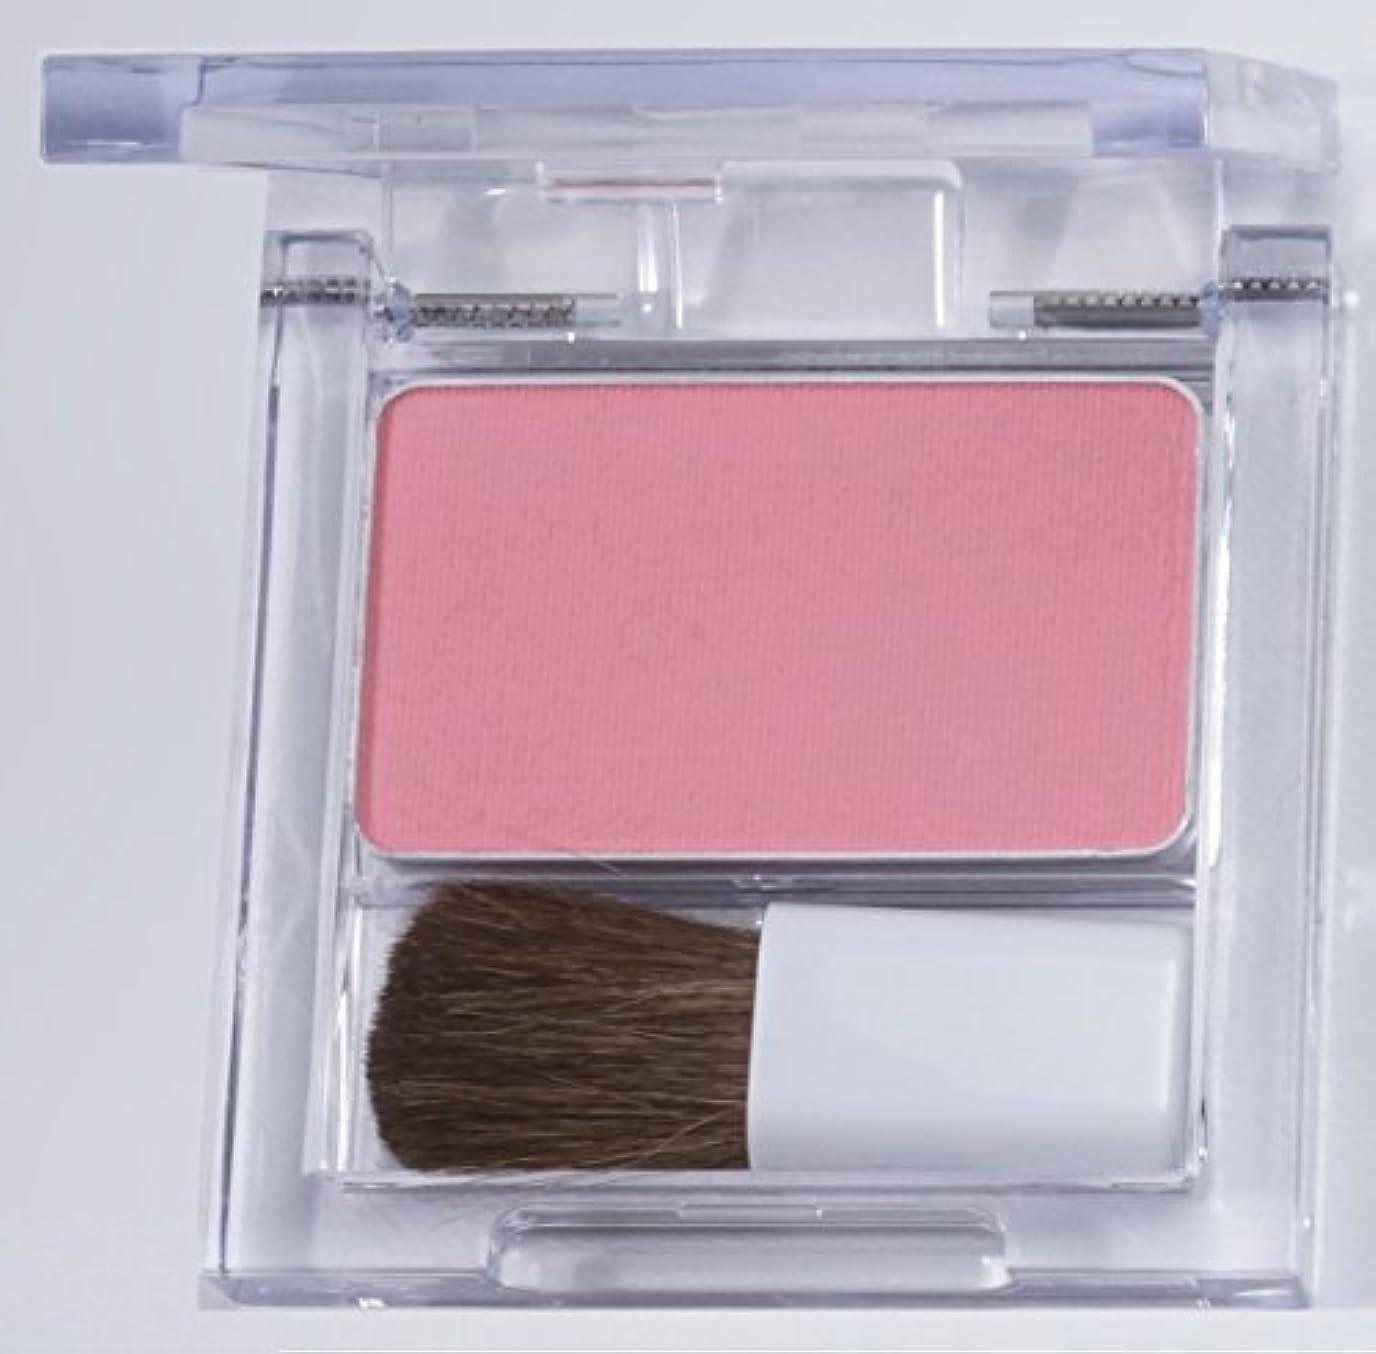 議題レッスン移行するポルトA お肌に輝きとピュアな透明感 チークカラー 1号:ピンク(2226)